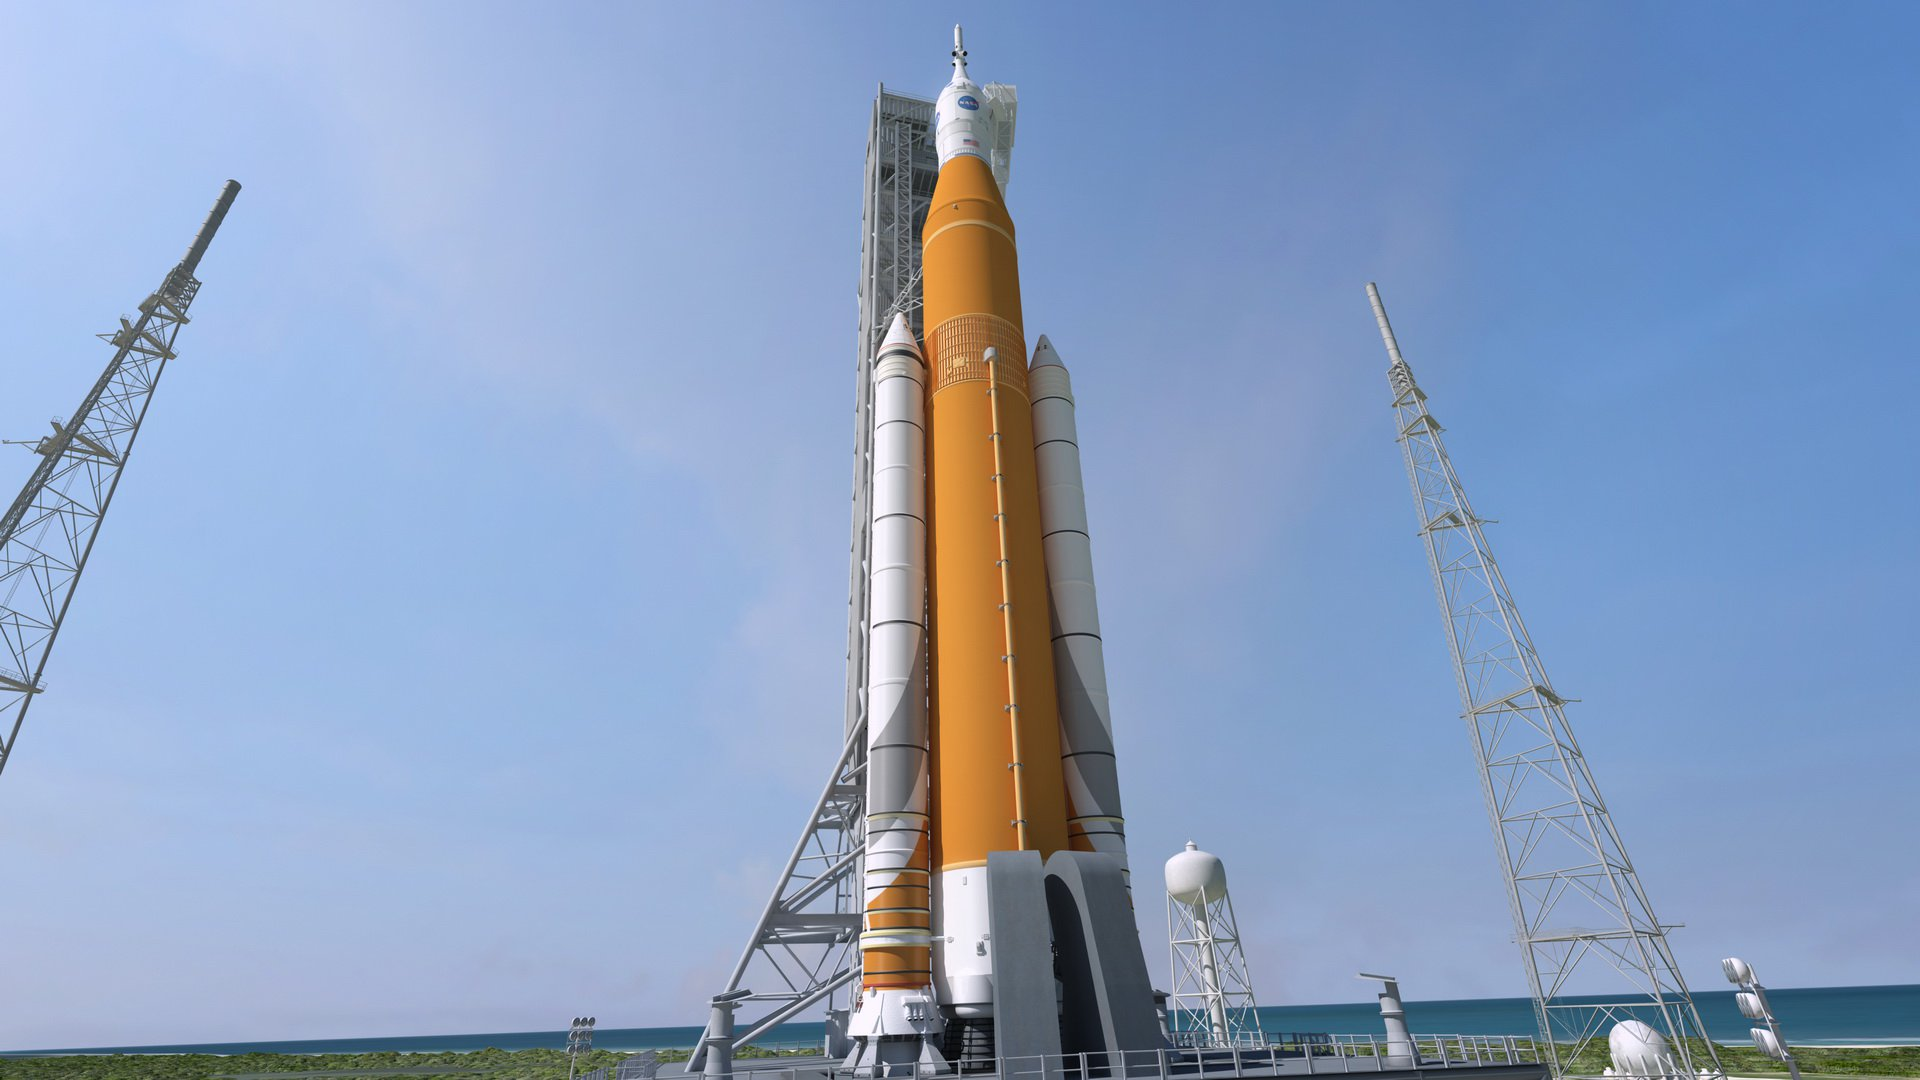 Инспекция показала, что у ракеты-носителя NASA SLS очень большие проблемы